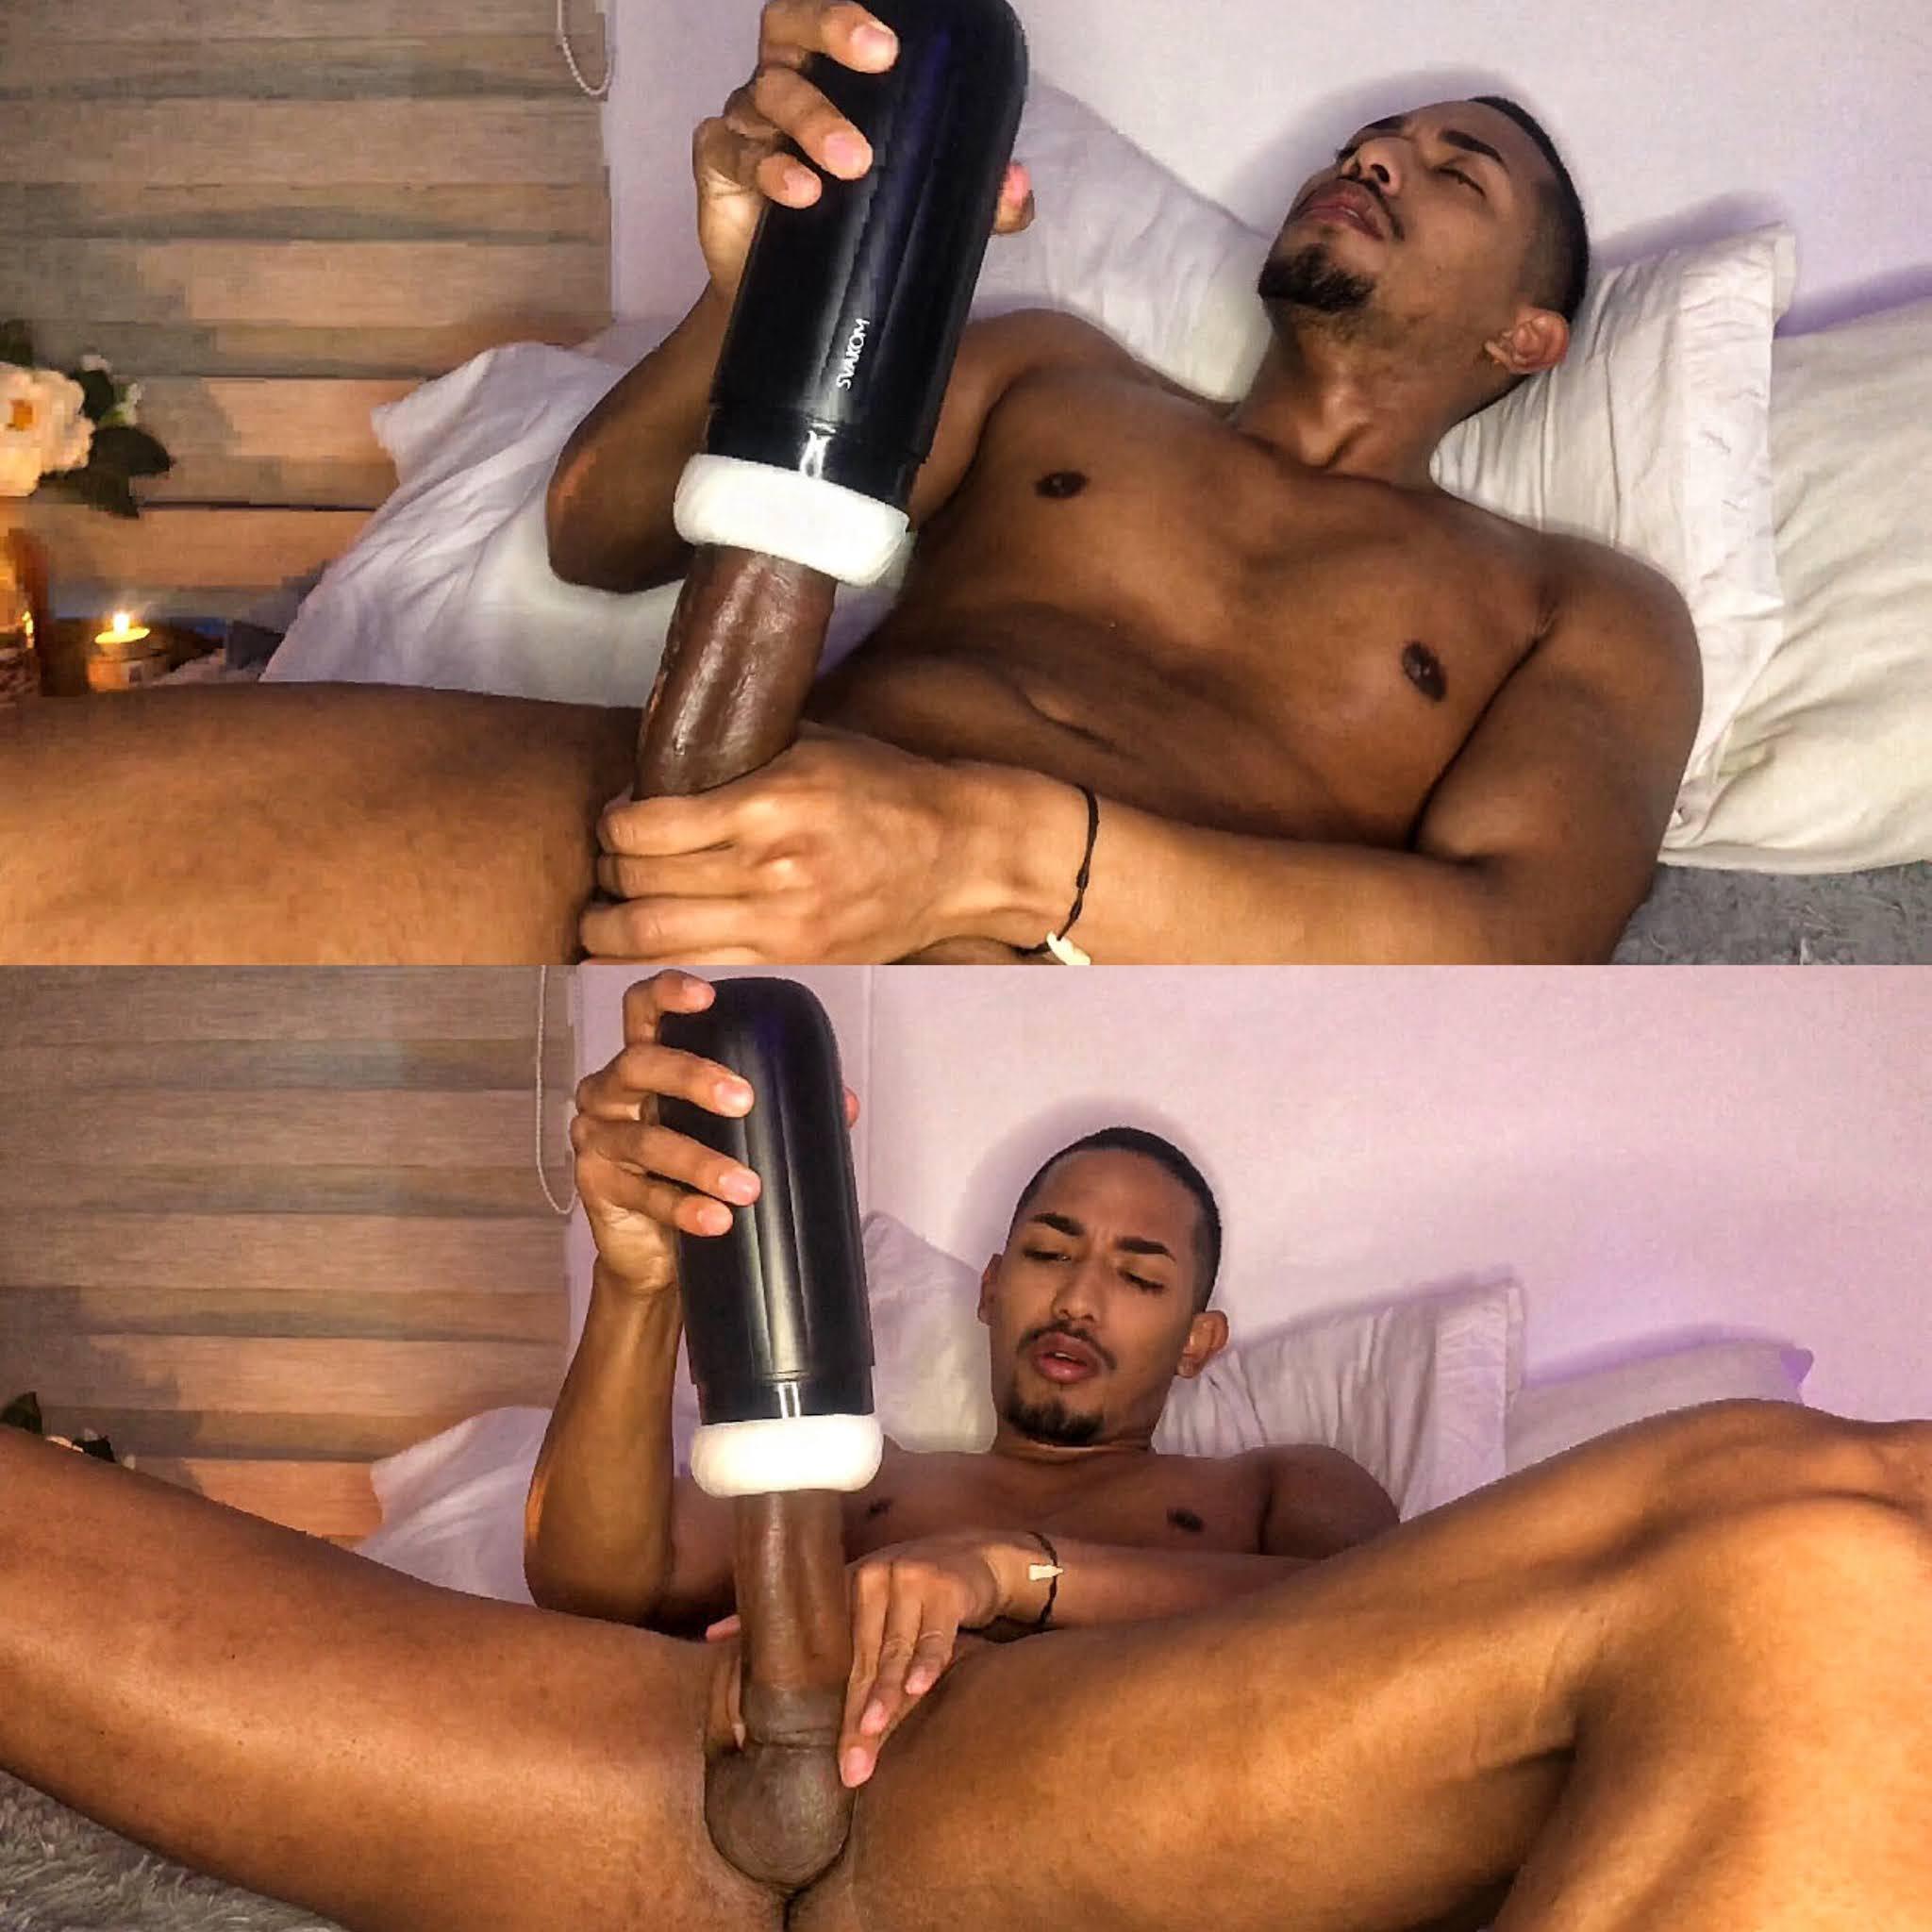 negro jugando con su gran verga